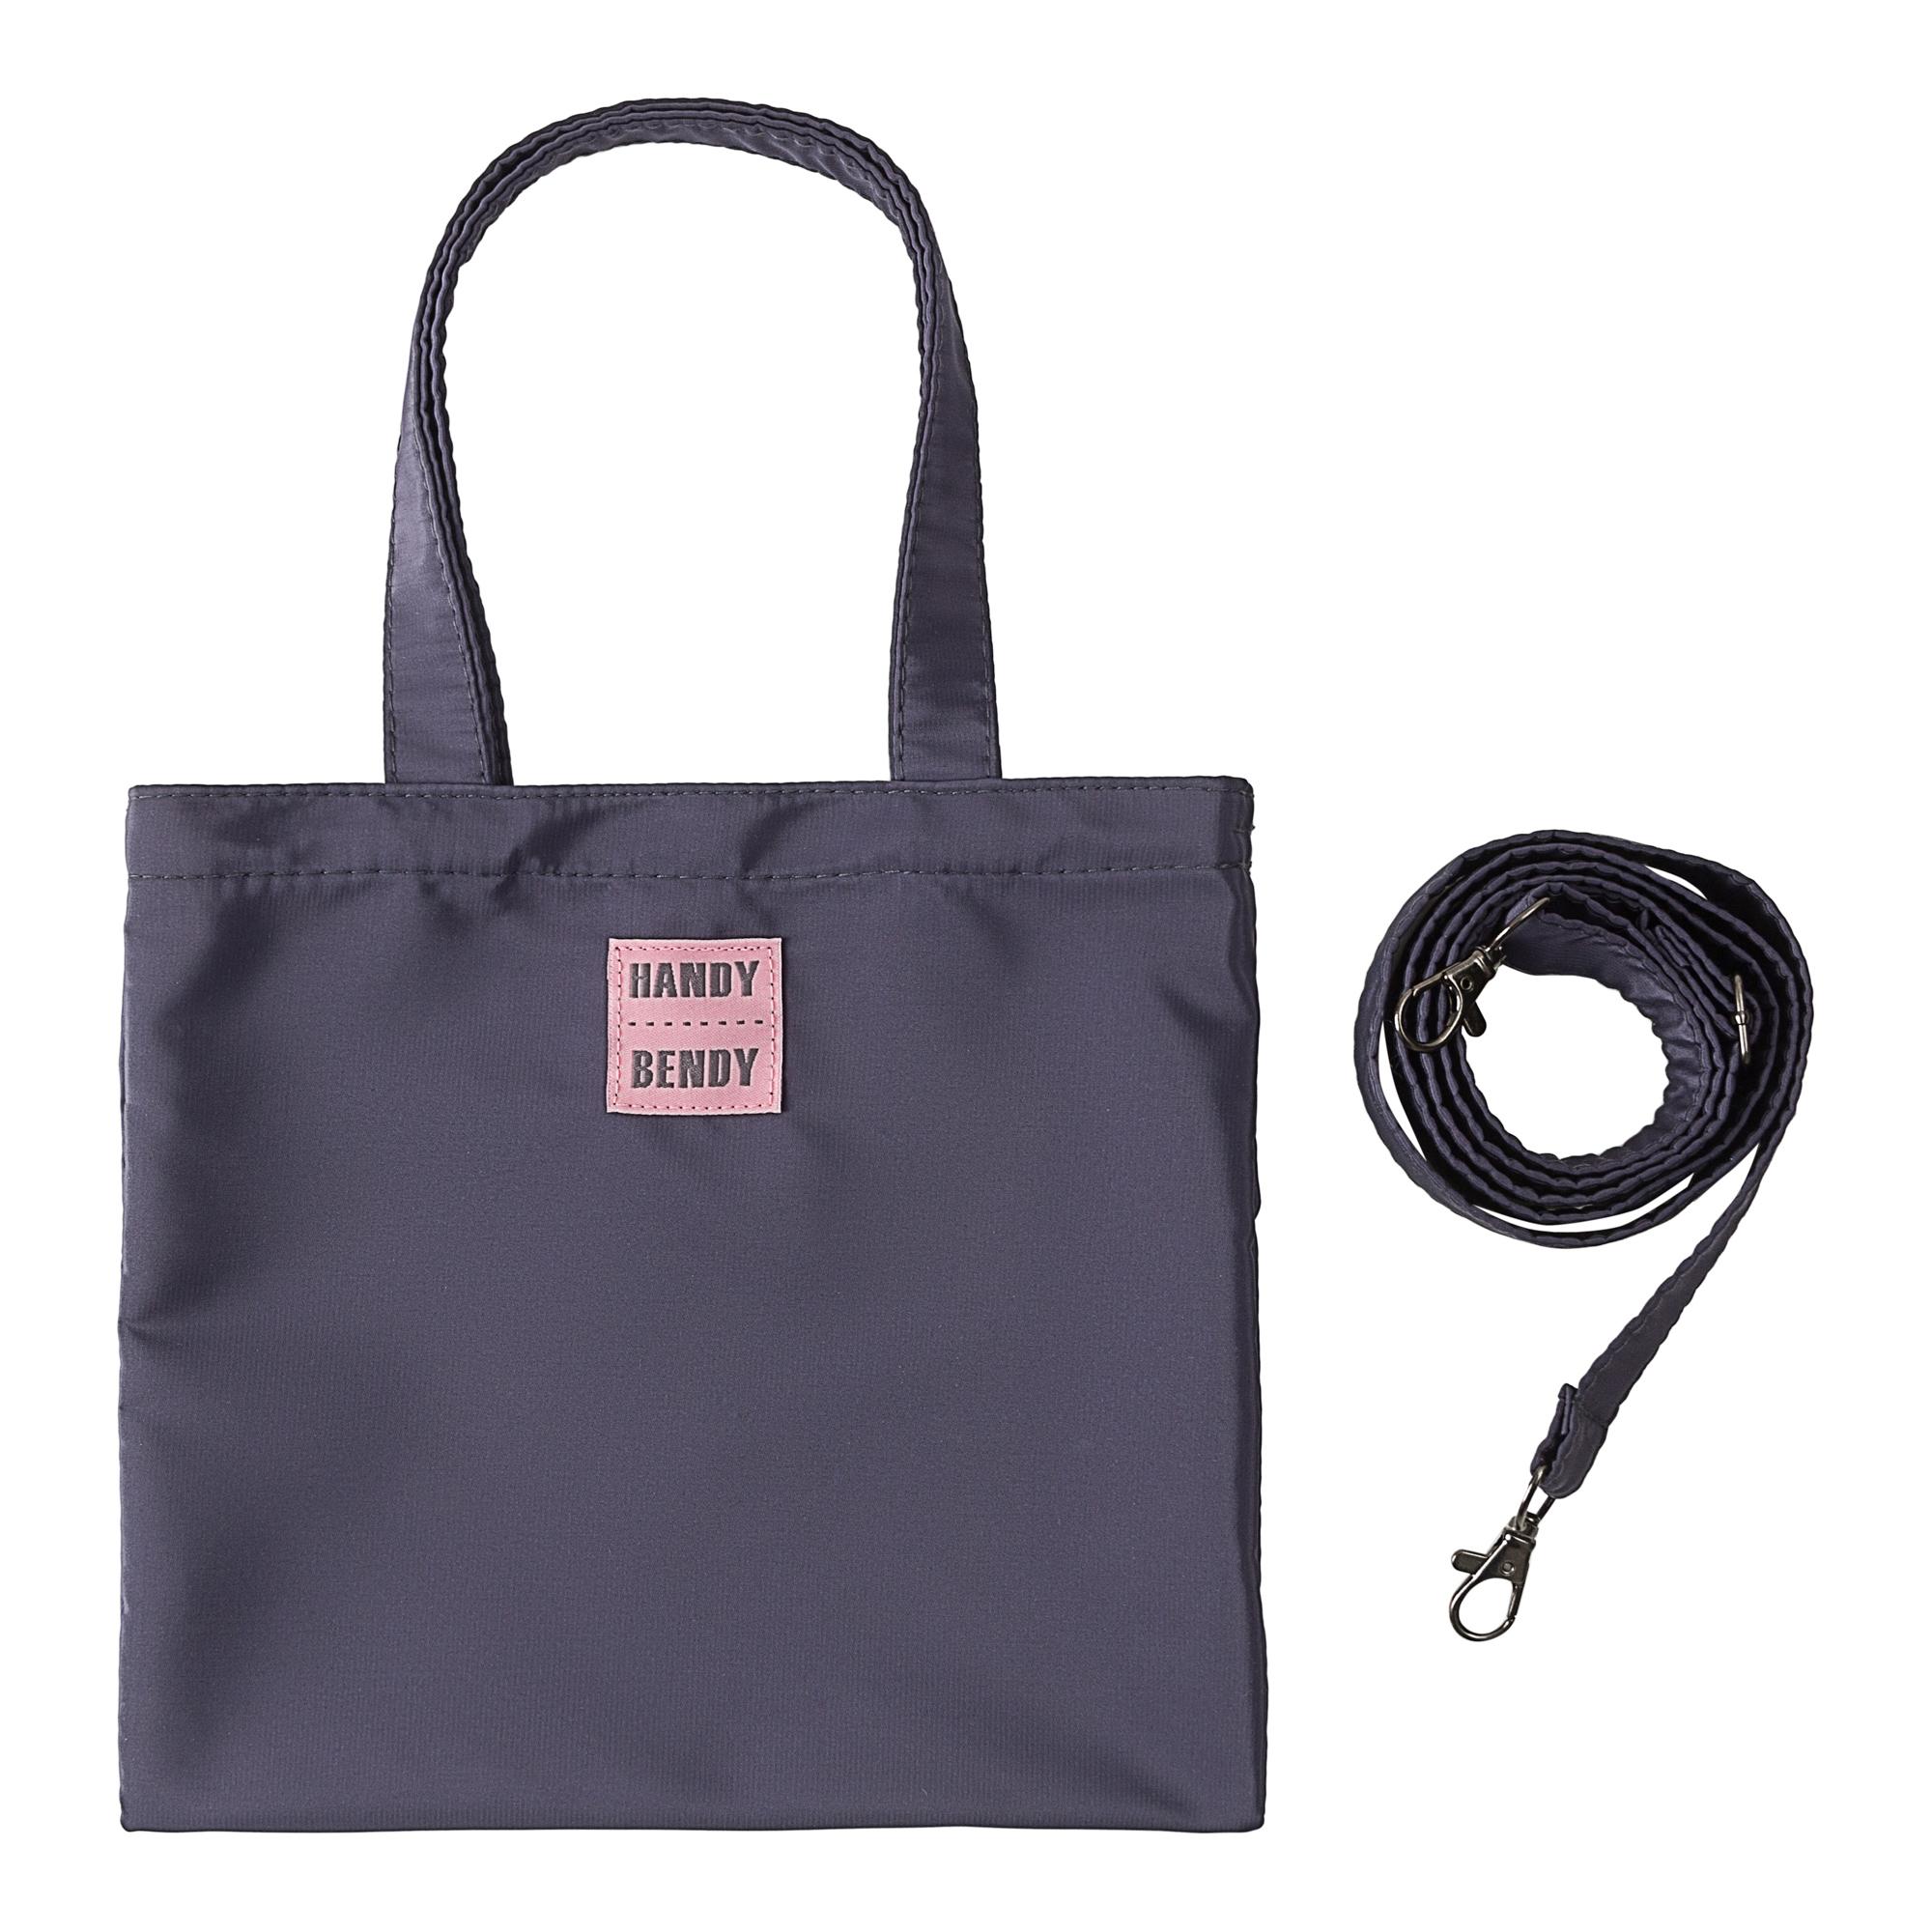 Маленькая сумка Handy Bendy со съемной ручкой, серо-синий